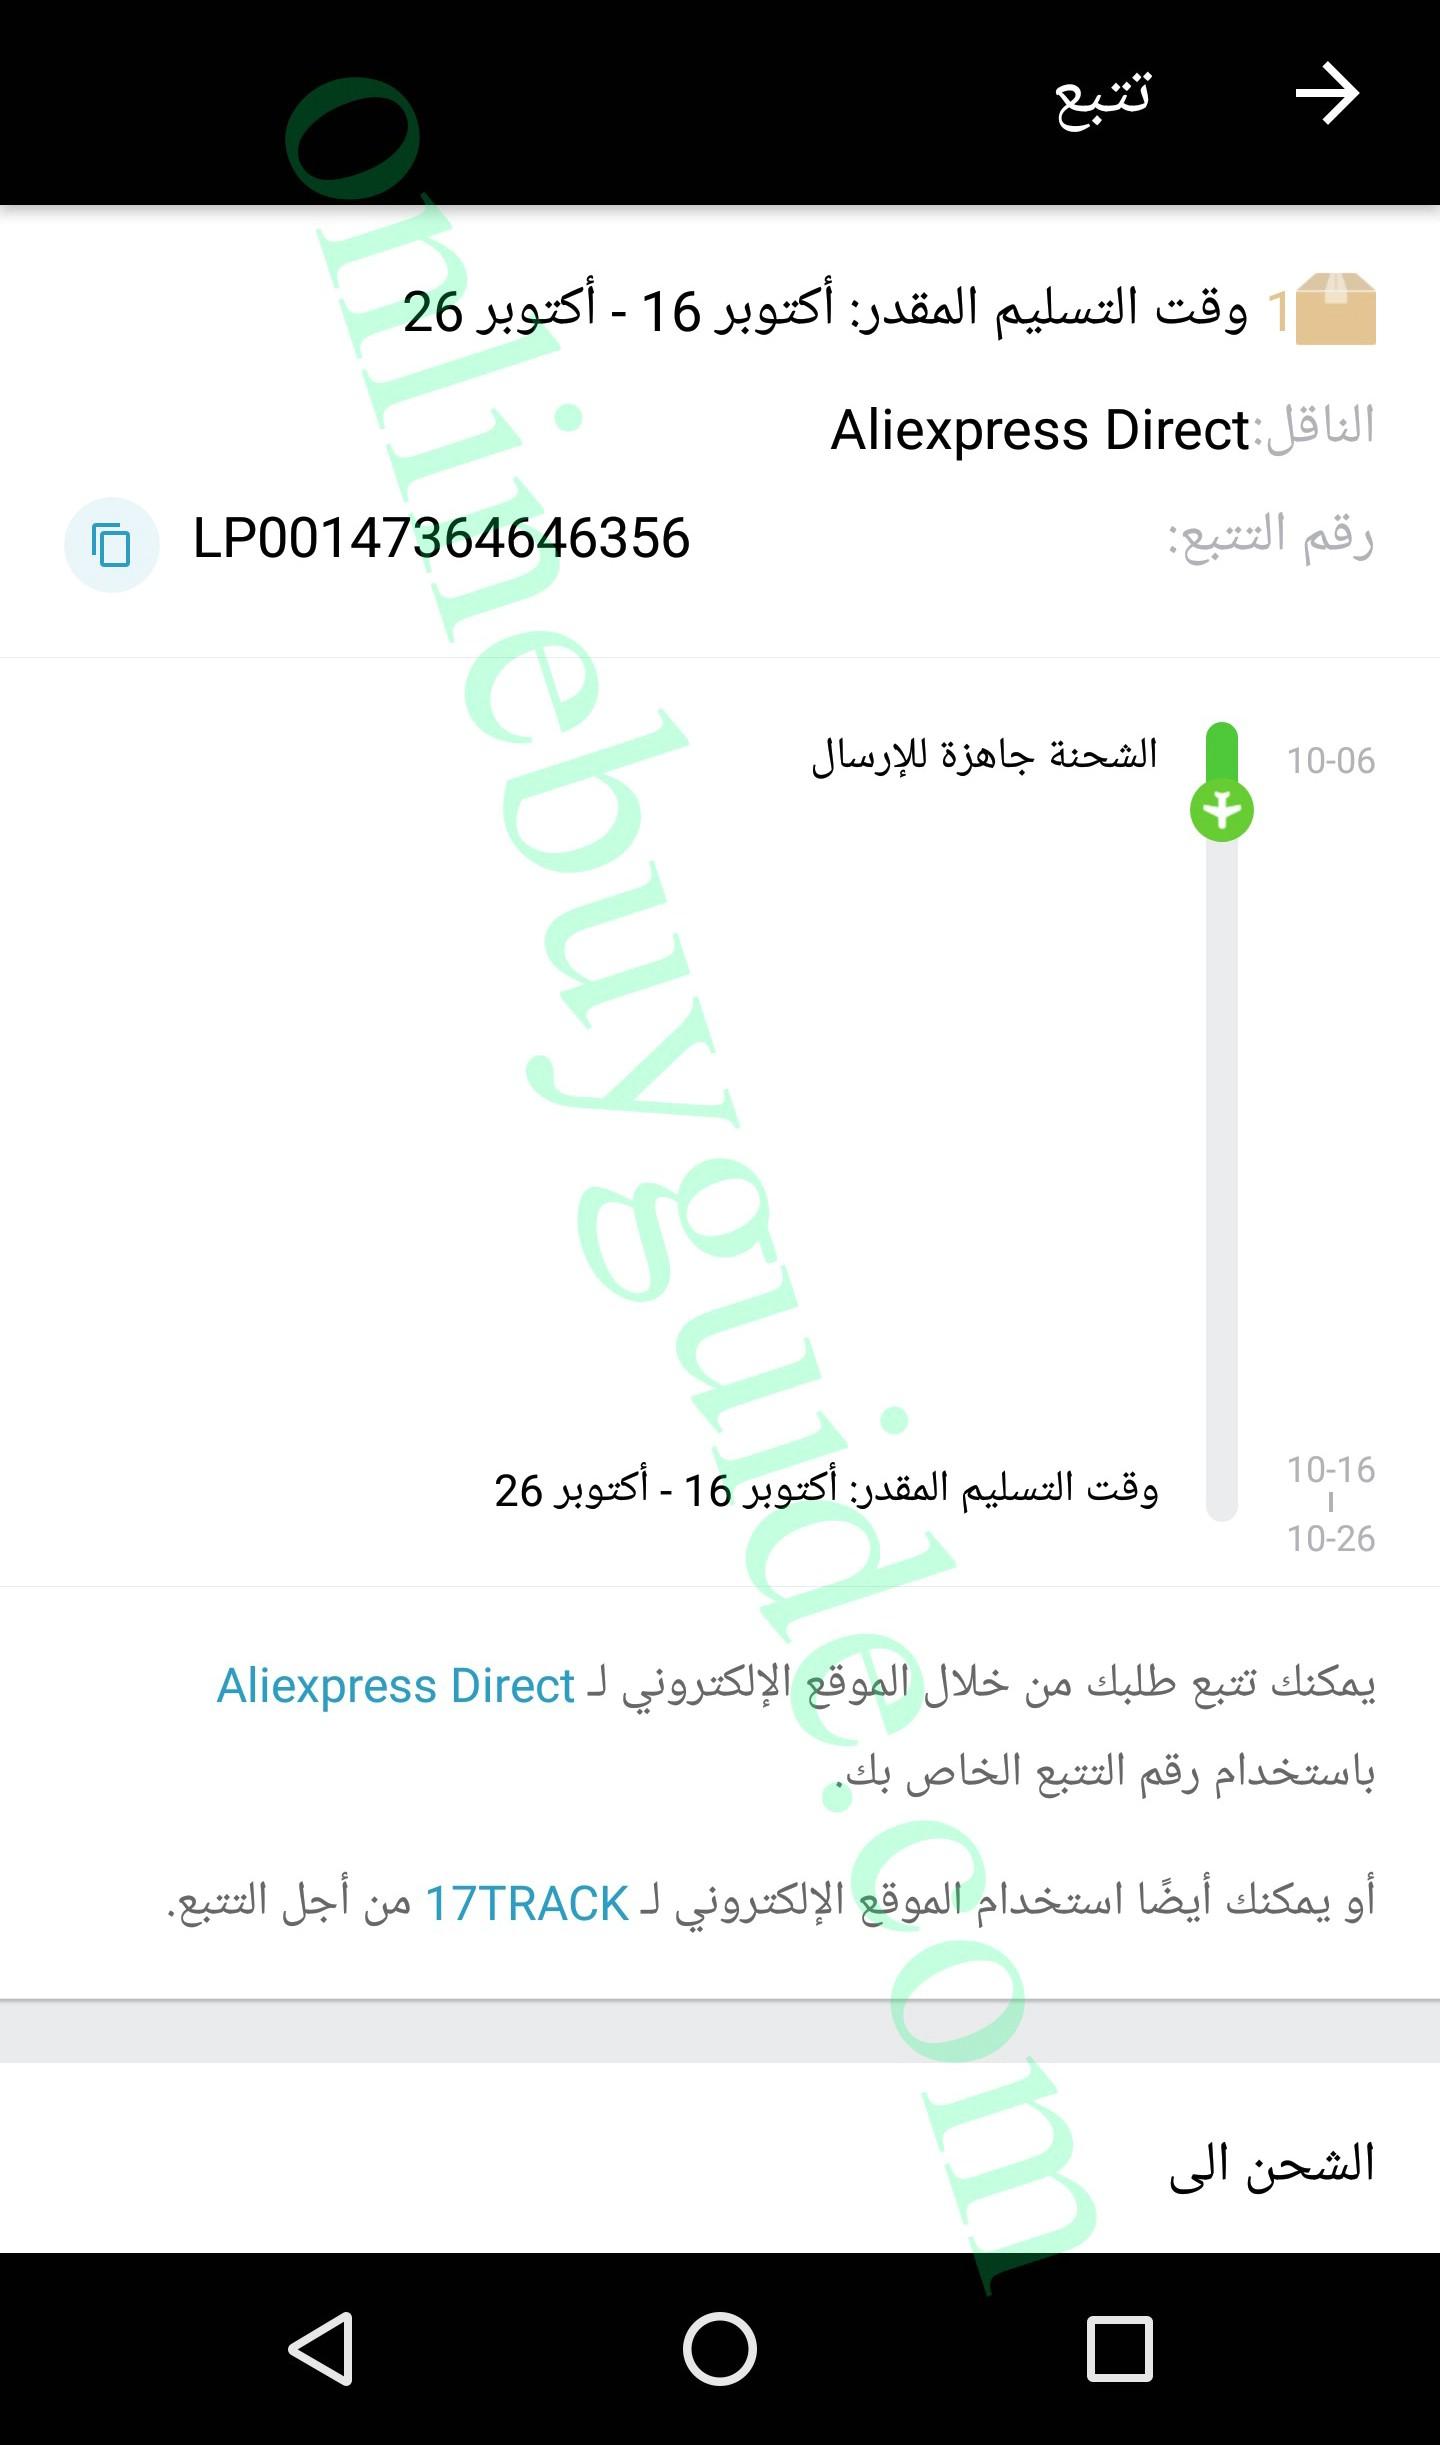 aliexpress direct shipping